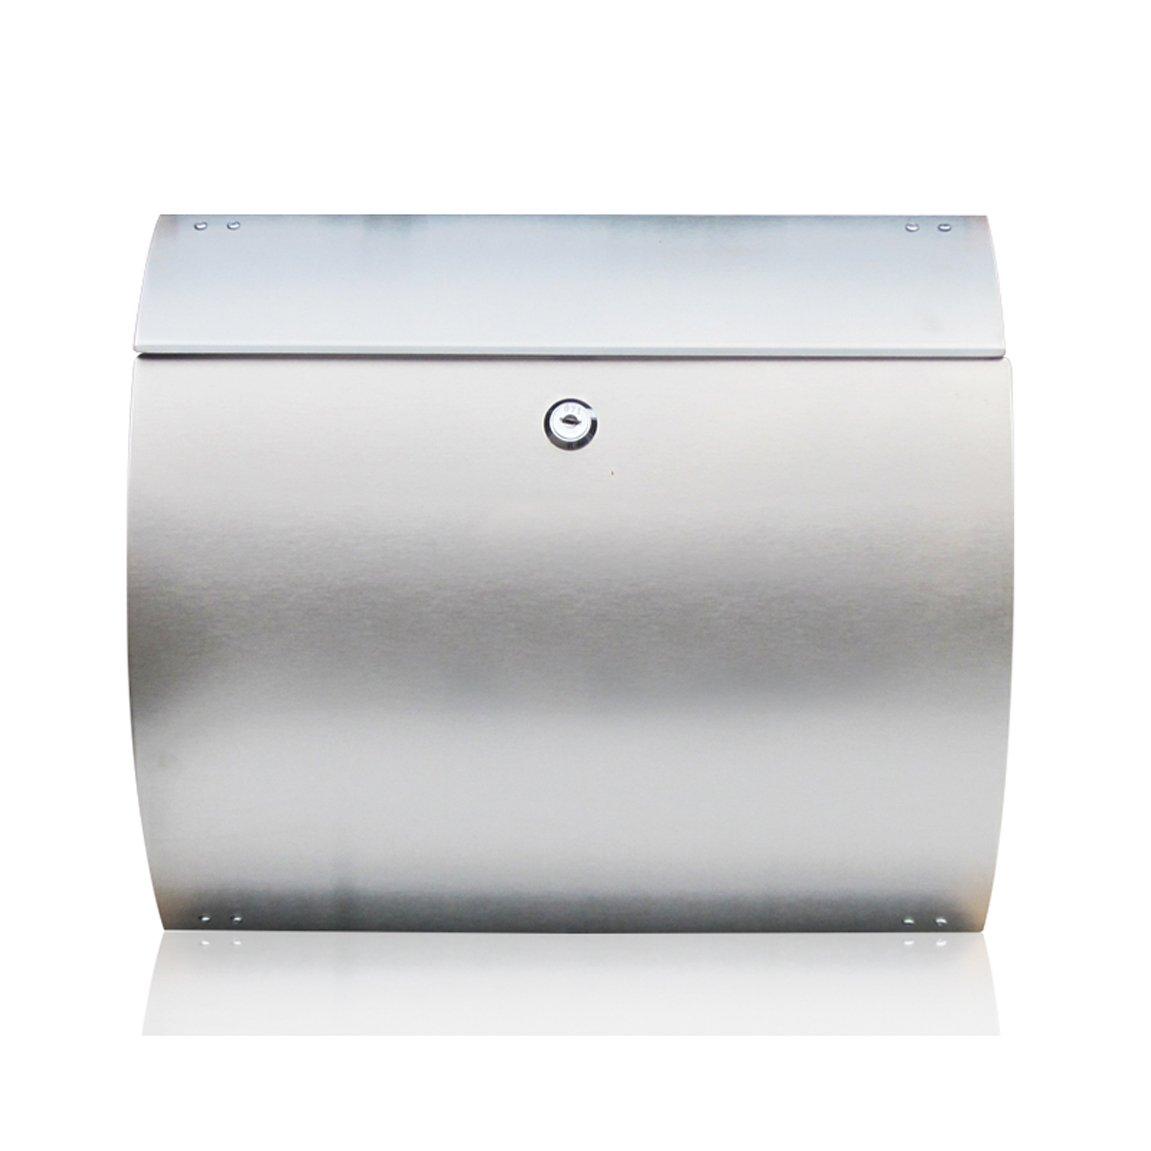 HZBb ステンレス製の郵便箱屋外防水ヨーロッパスタイルのヴィラの郵便箱、壁の装飾   B07KDS7BSM